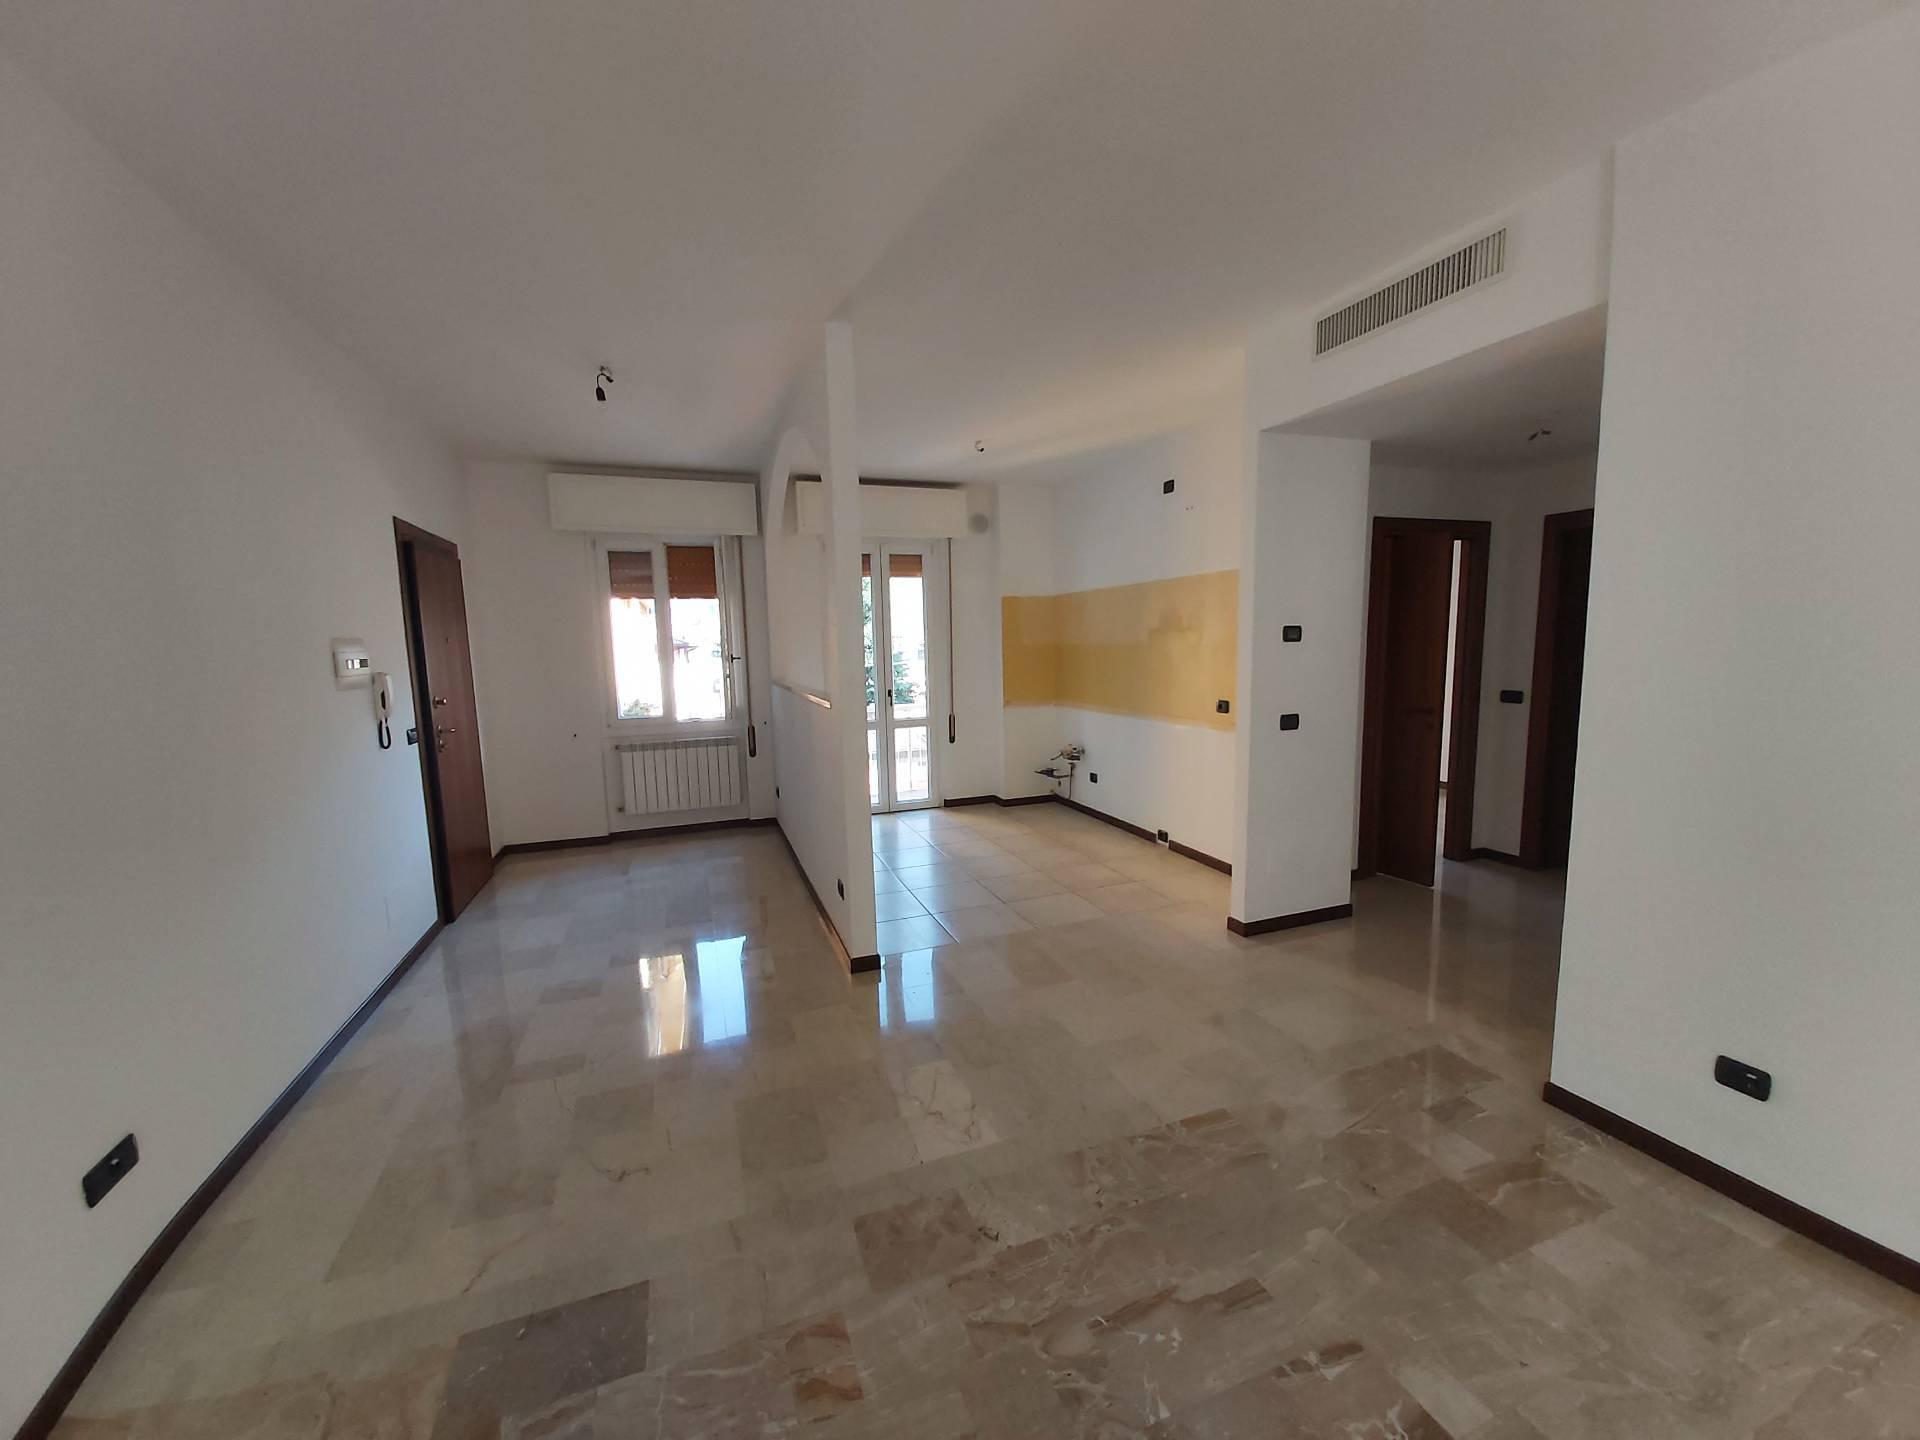 Appartamento in vendita a Villa Carcina, 4 locali, zona Zona: Cogozzo, prezzo € 160.000 | CambioCasa.it